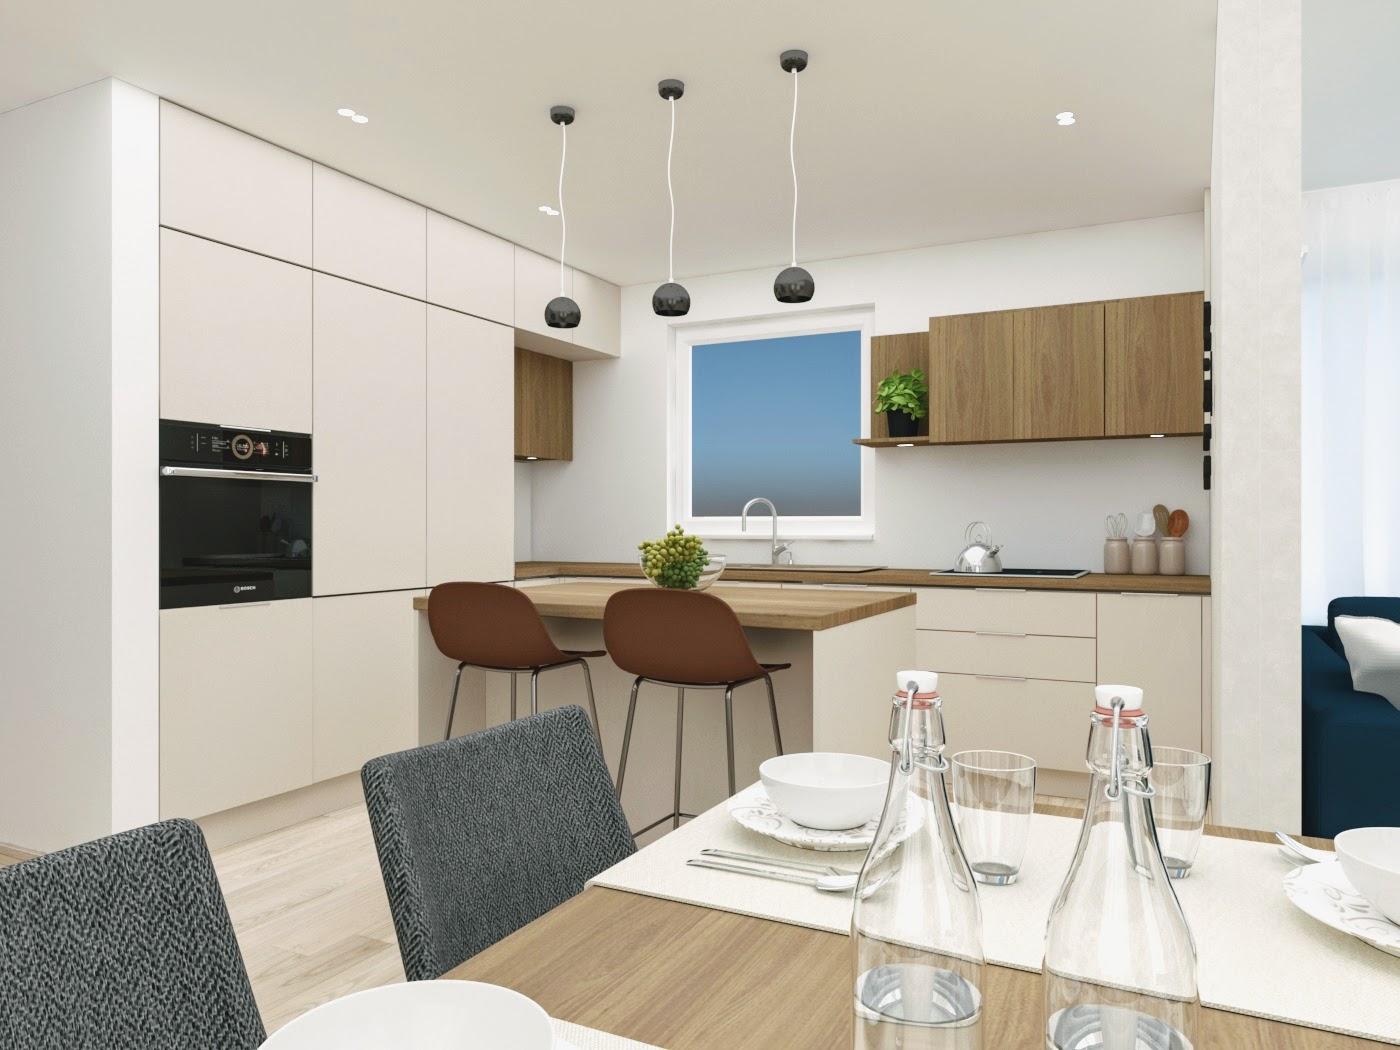 Dizajn interiéru obývačky, spálne a kuchyne